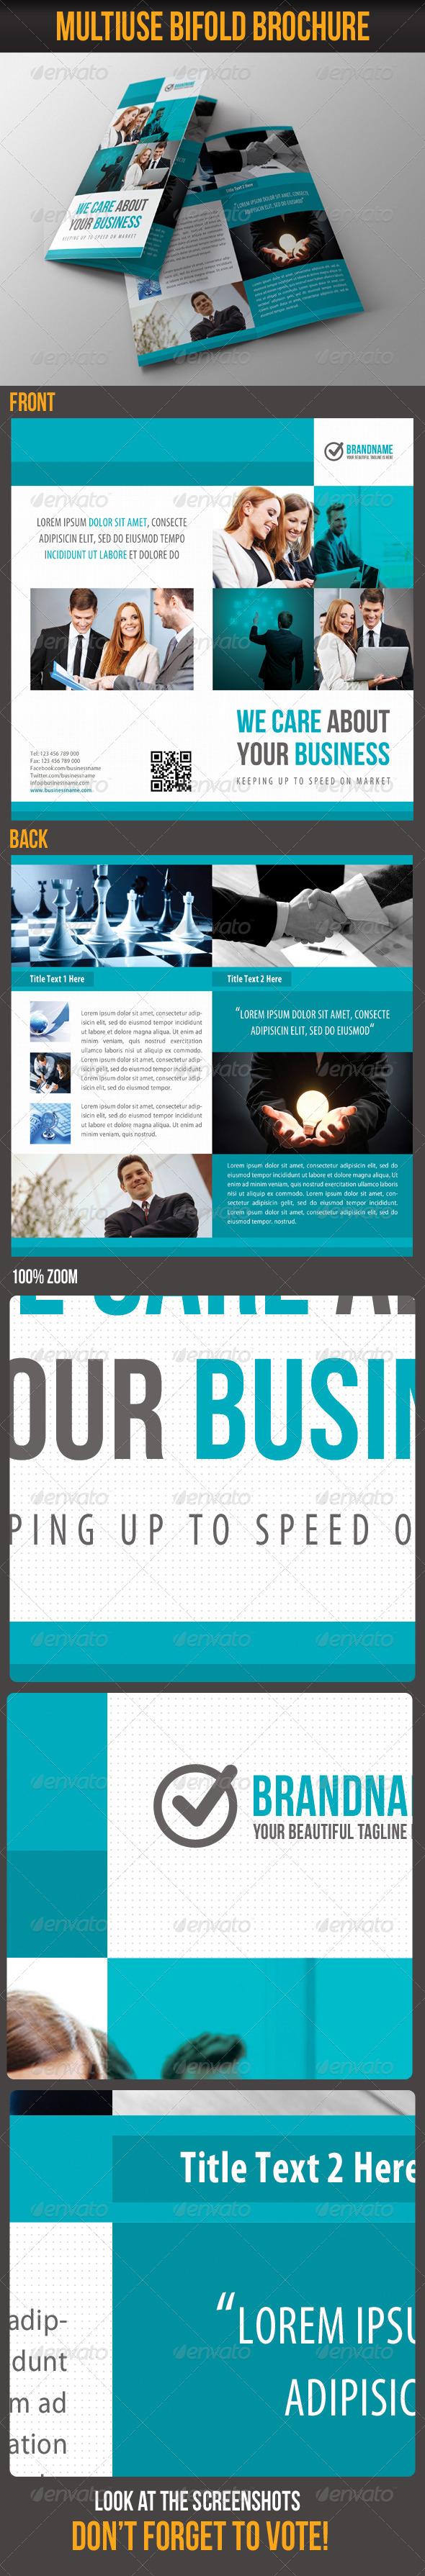 Multiuse Bifold Brochure 14 - Corporate Brochures